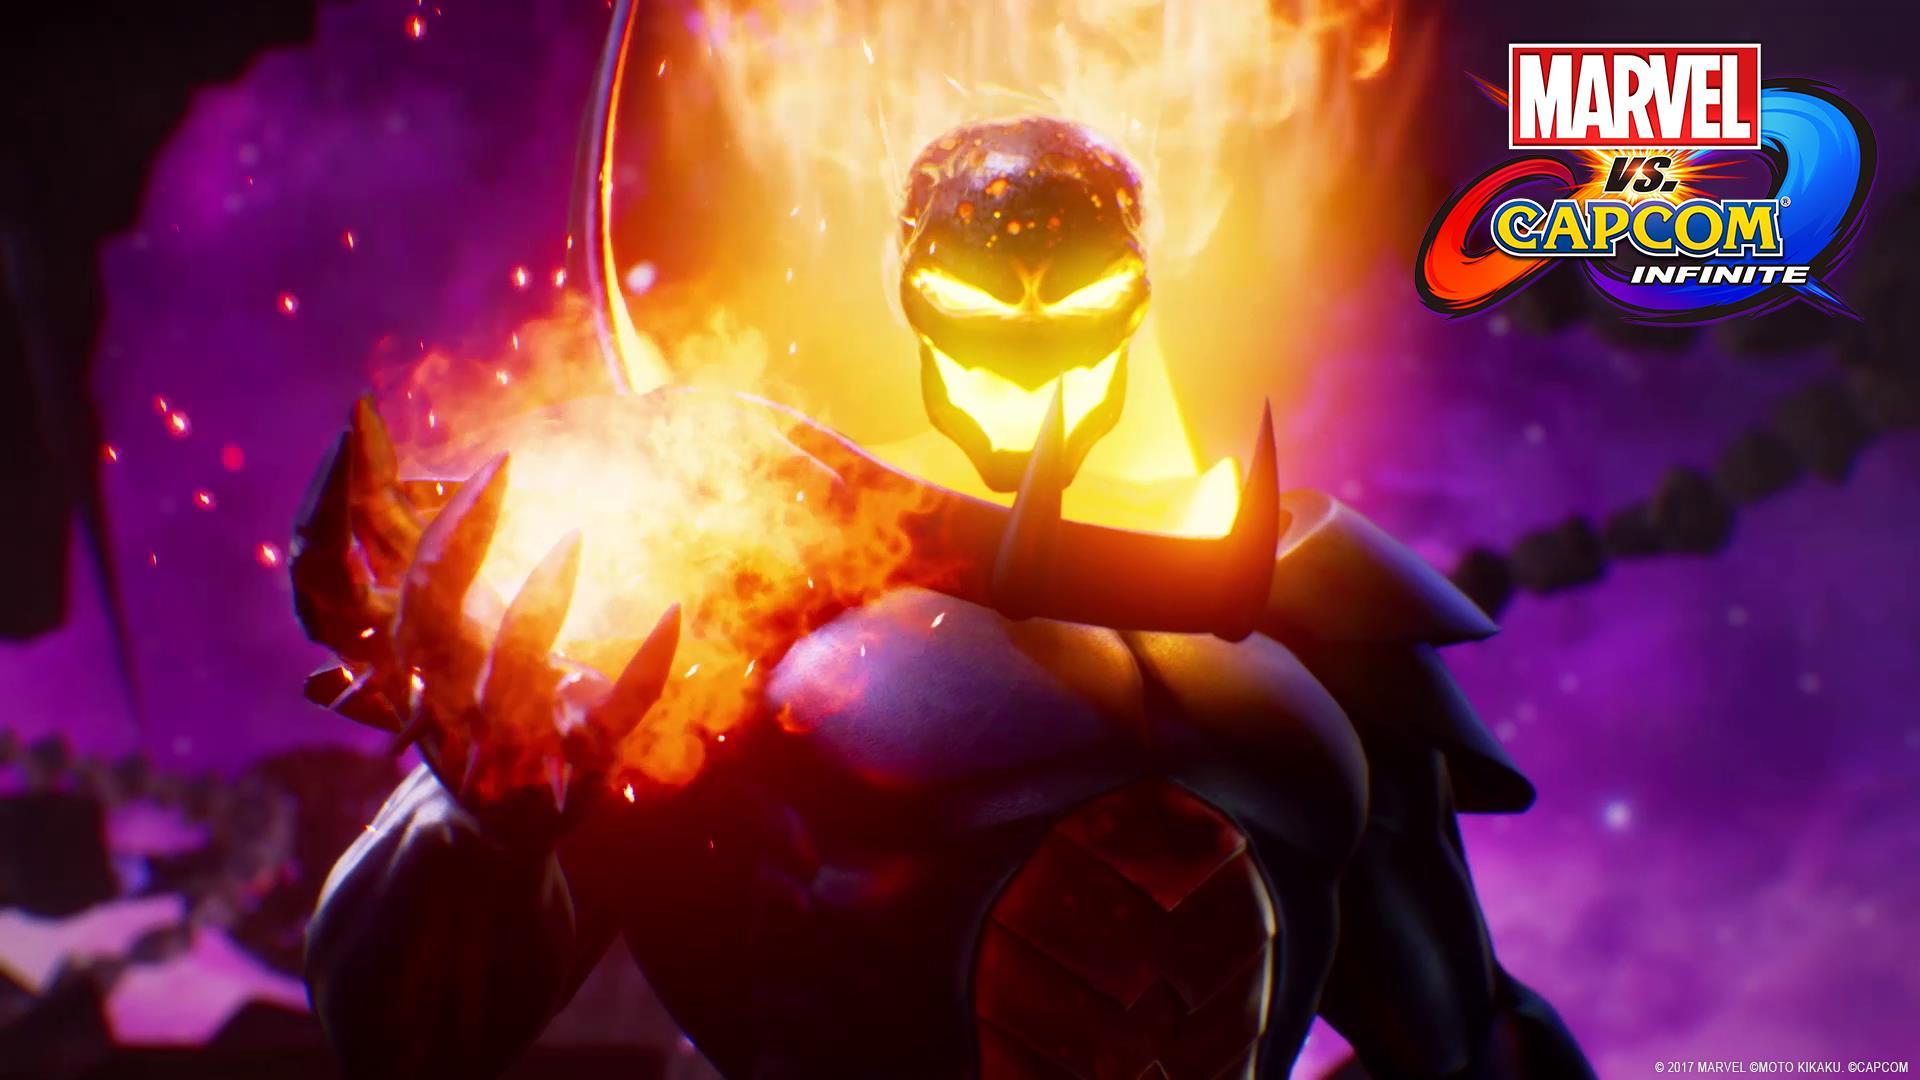 Marvel Vs Capcom Infinite Gamescom Trailer Shows Ghost Rider And